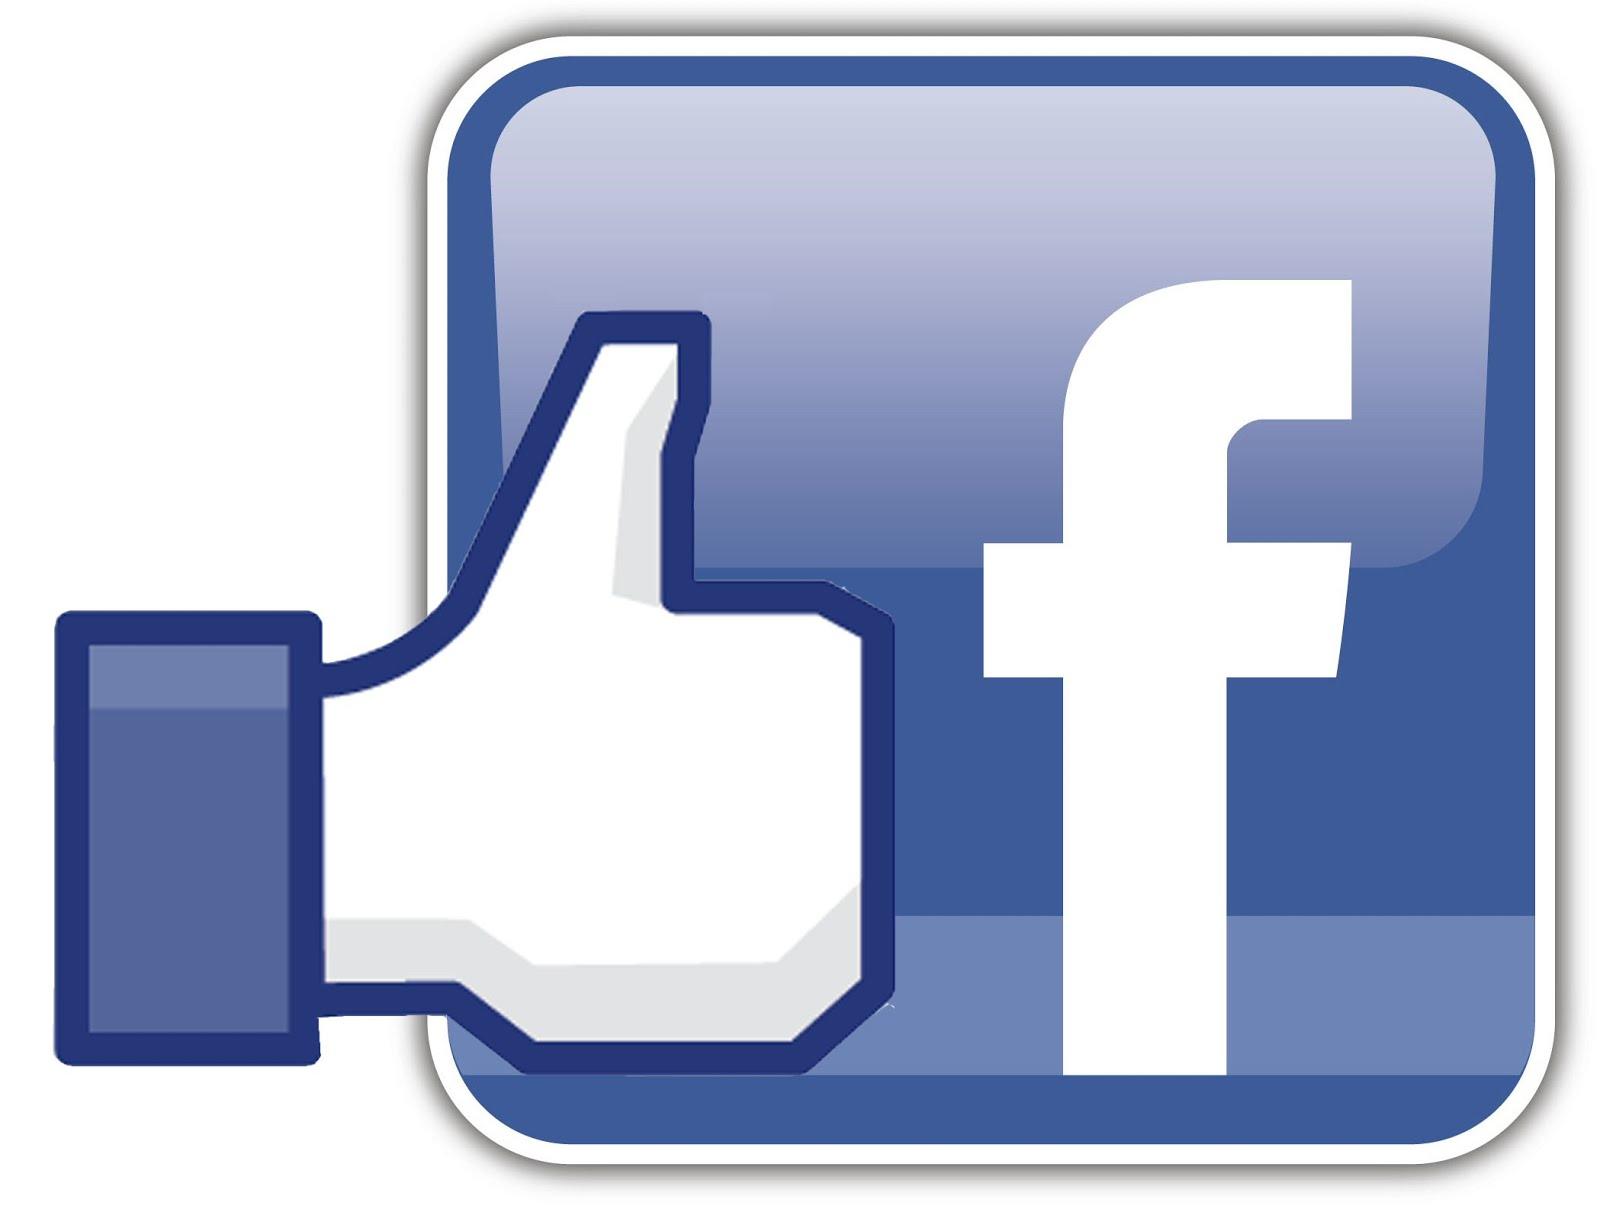 Facebook Etiquettes